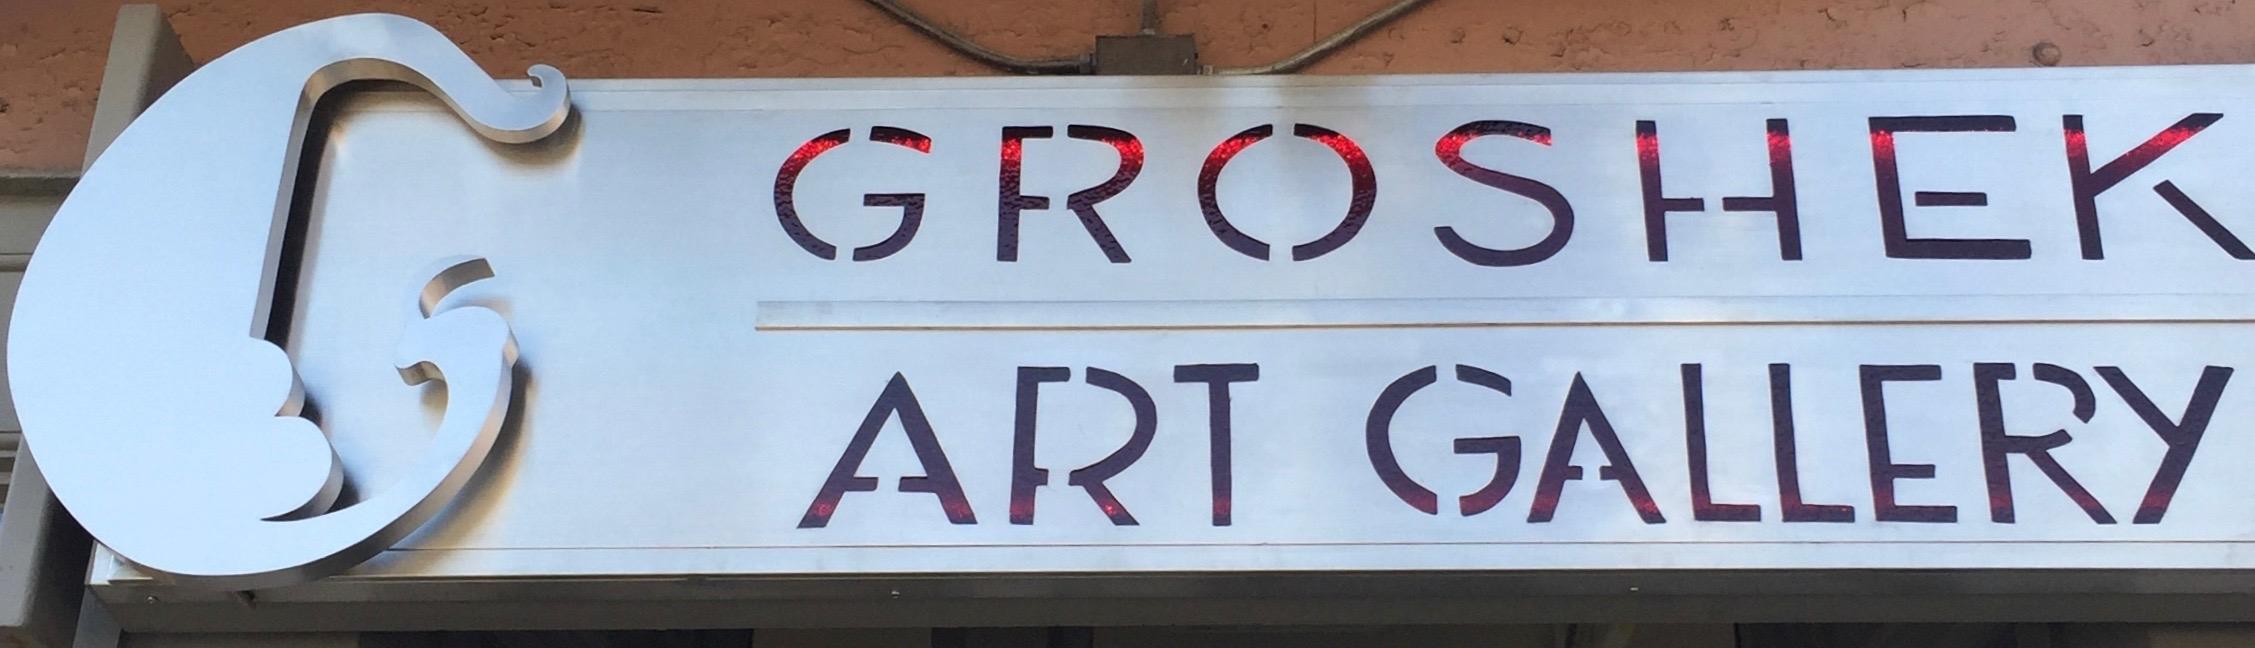 Groshek Art Gallery image 2